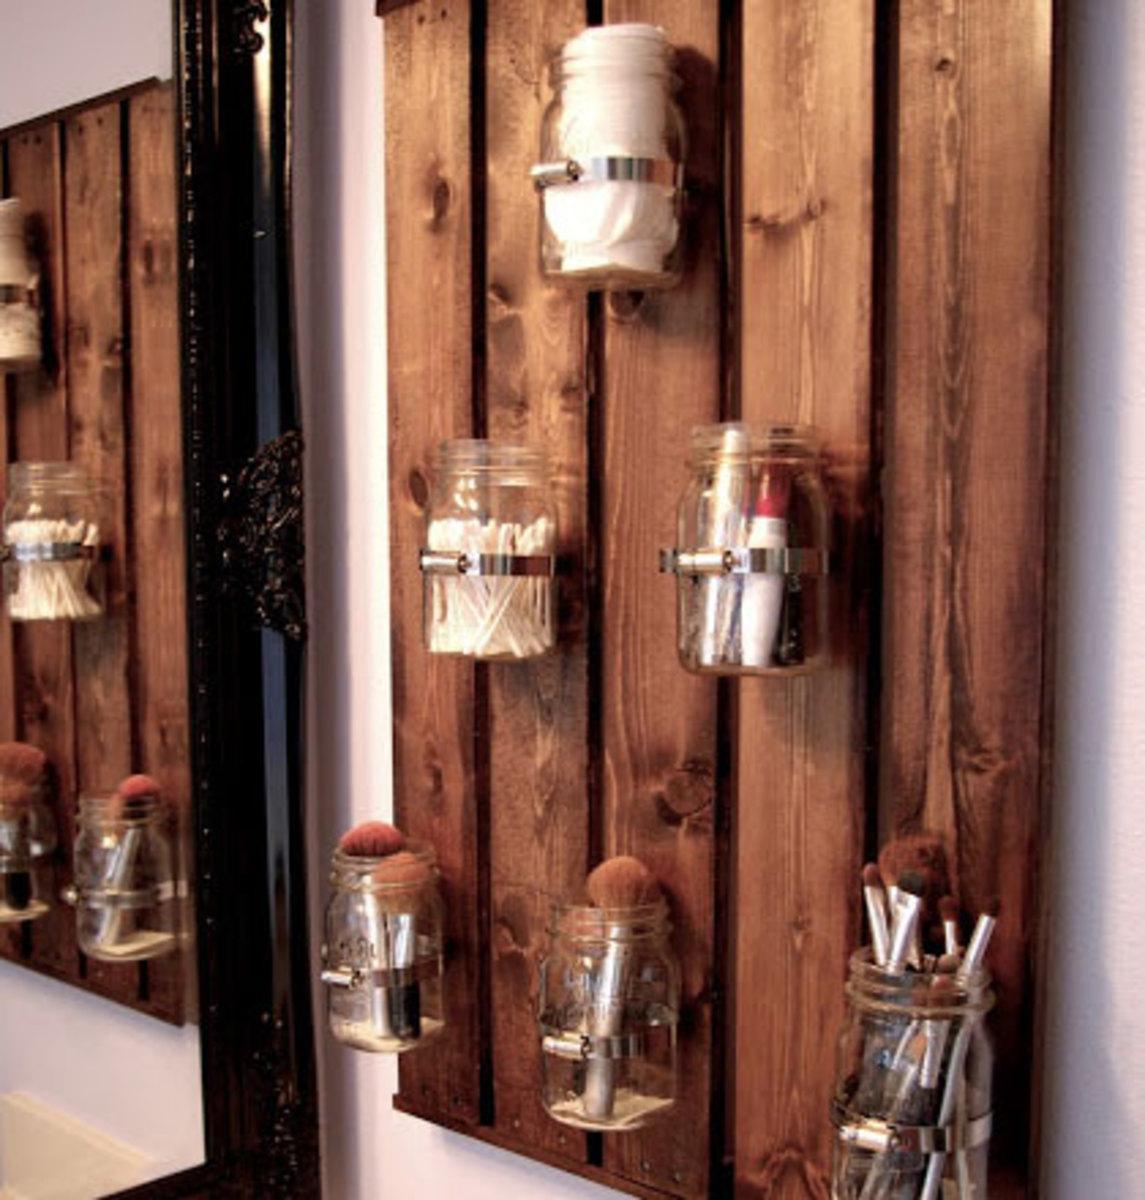 Mason Jar Bathroom Storage | Easy Organization Ideas for the Home